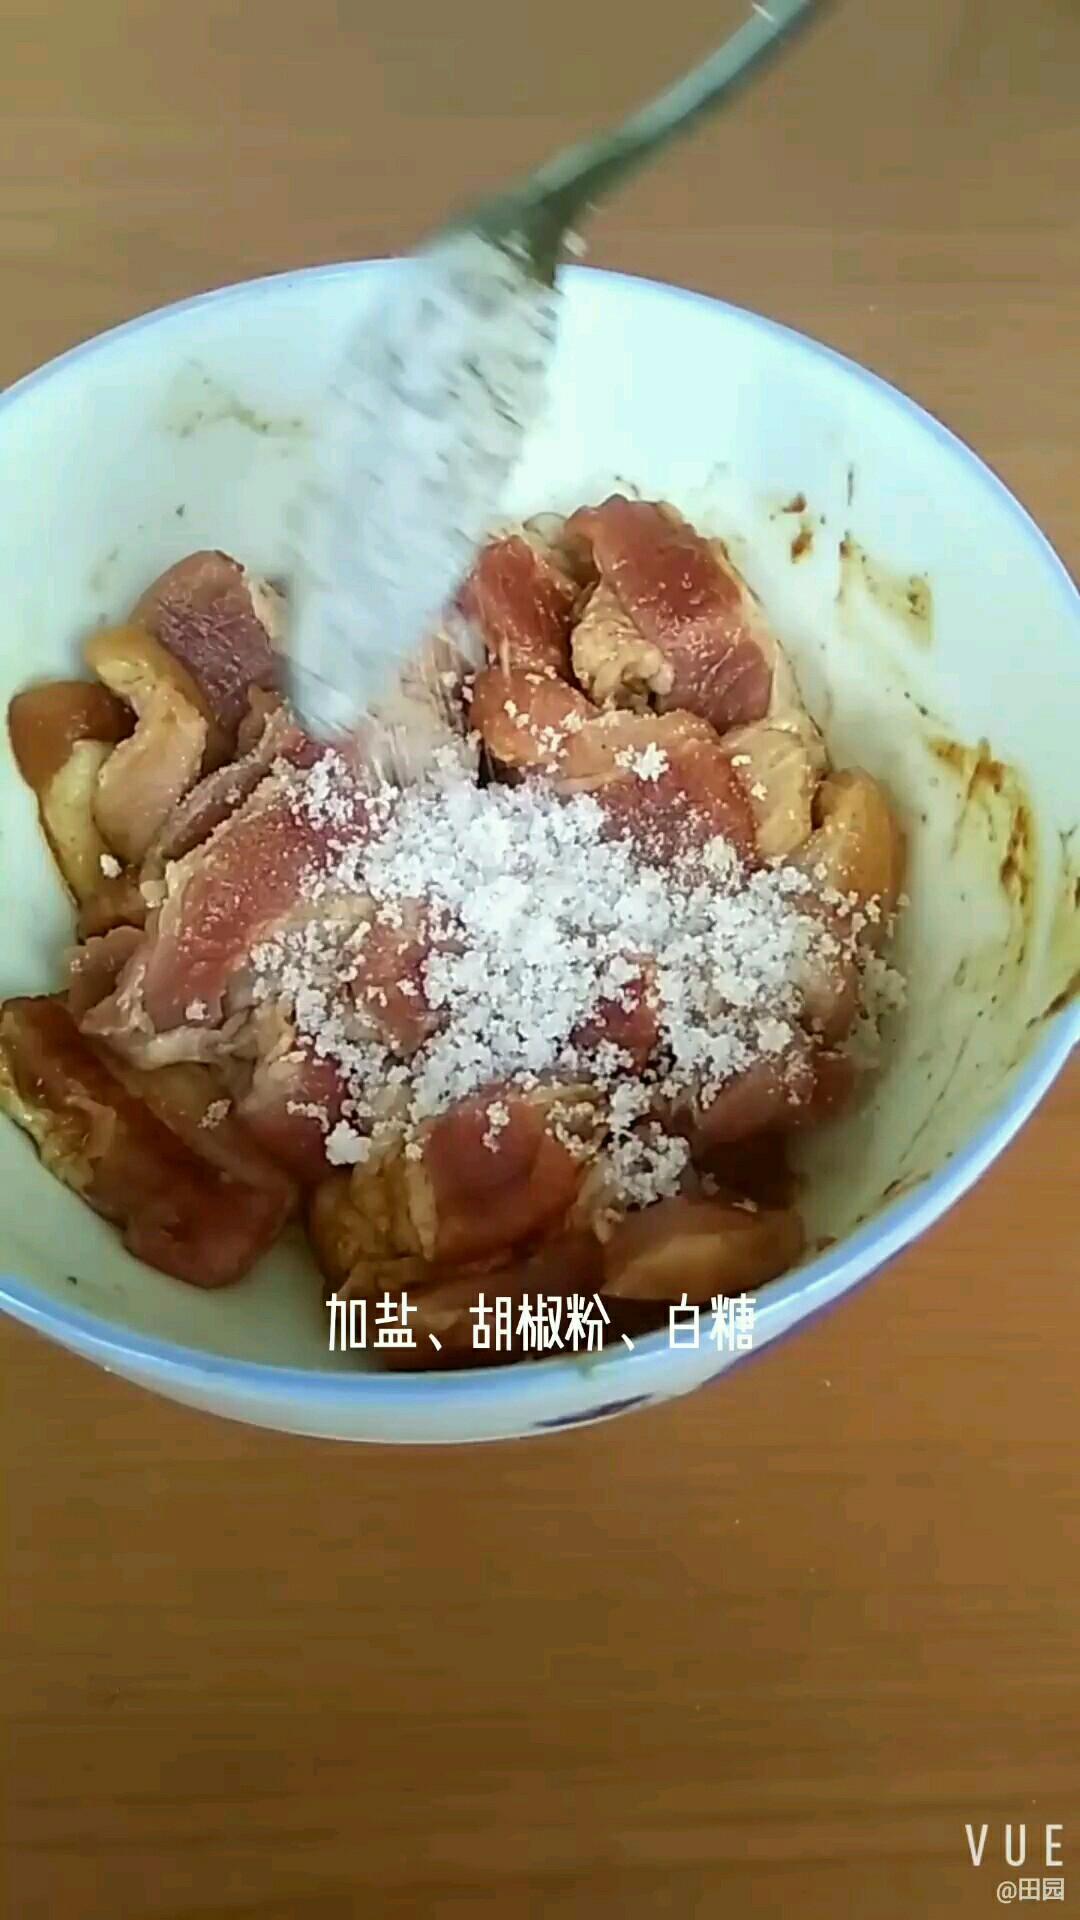 肥而不腻 瘦而不柴 烤五花肉的做法图解